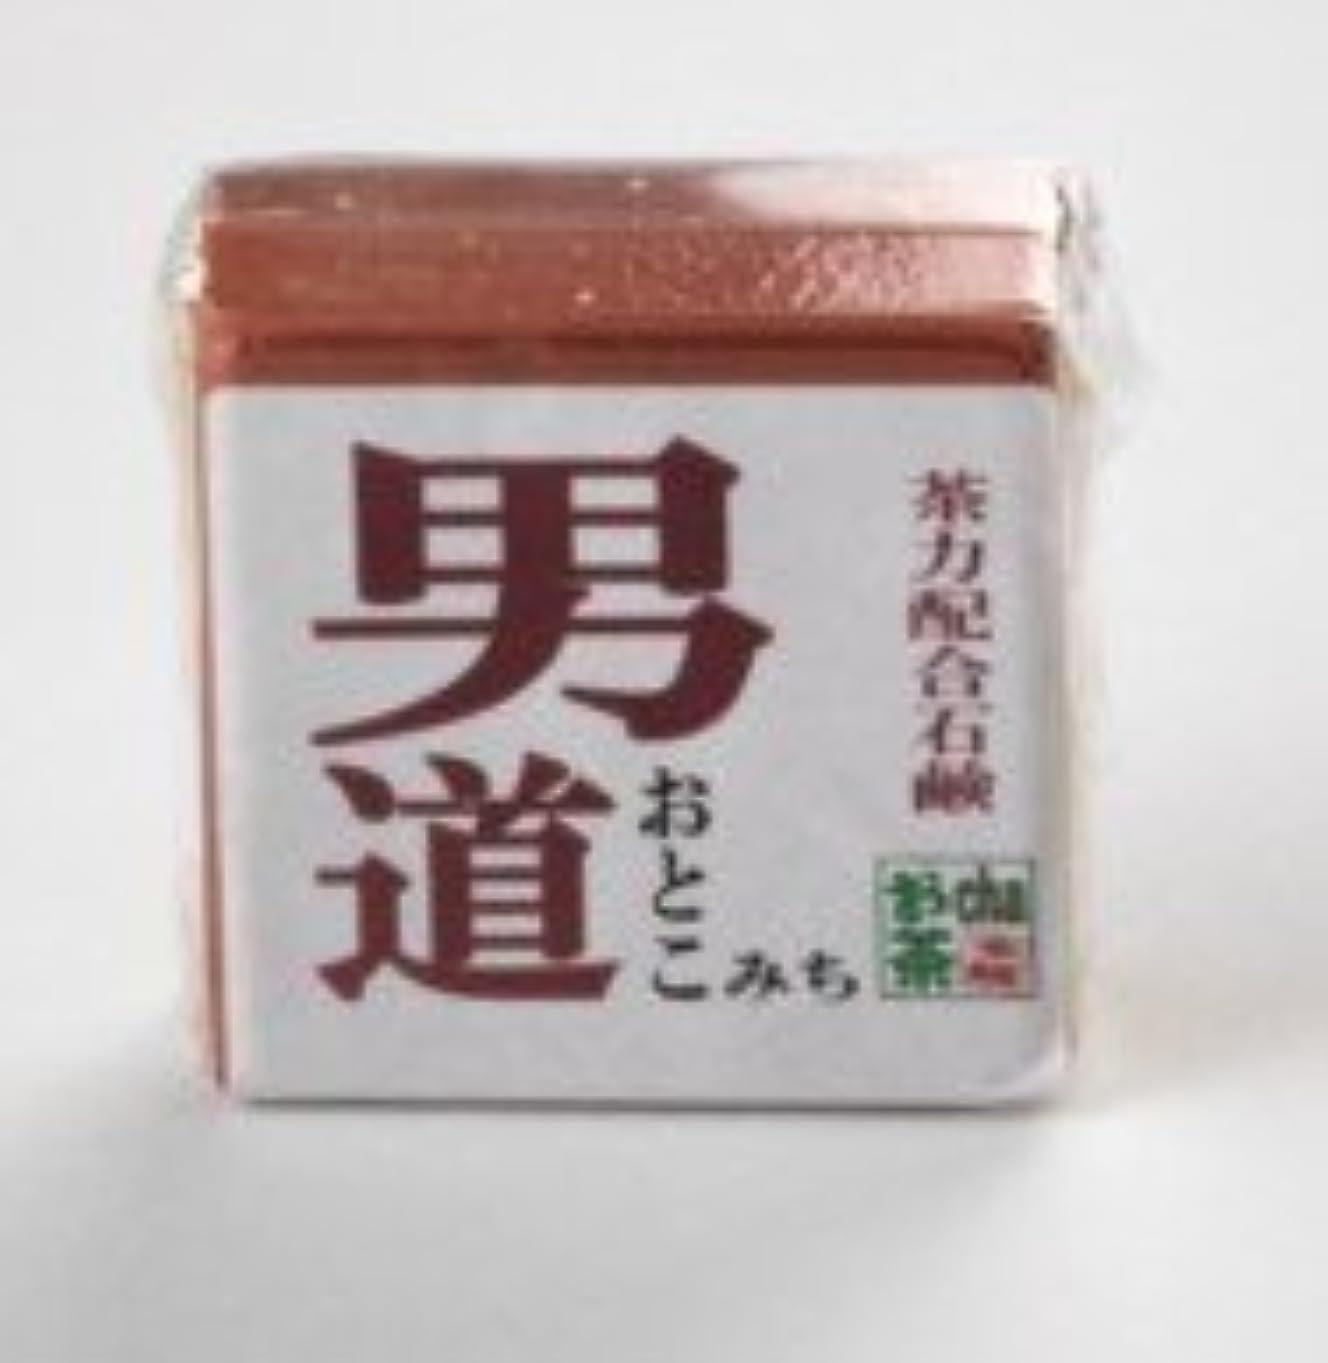 コントローラ静脈本男性用無添加石鹸 『 男 道 』(おとこみち) 115g固形タイプ 抗菌力99.9%の日本初の無添加石鹸